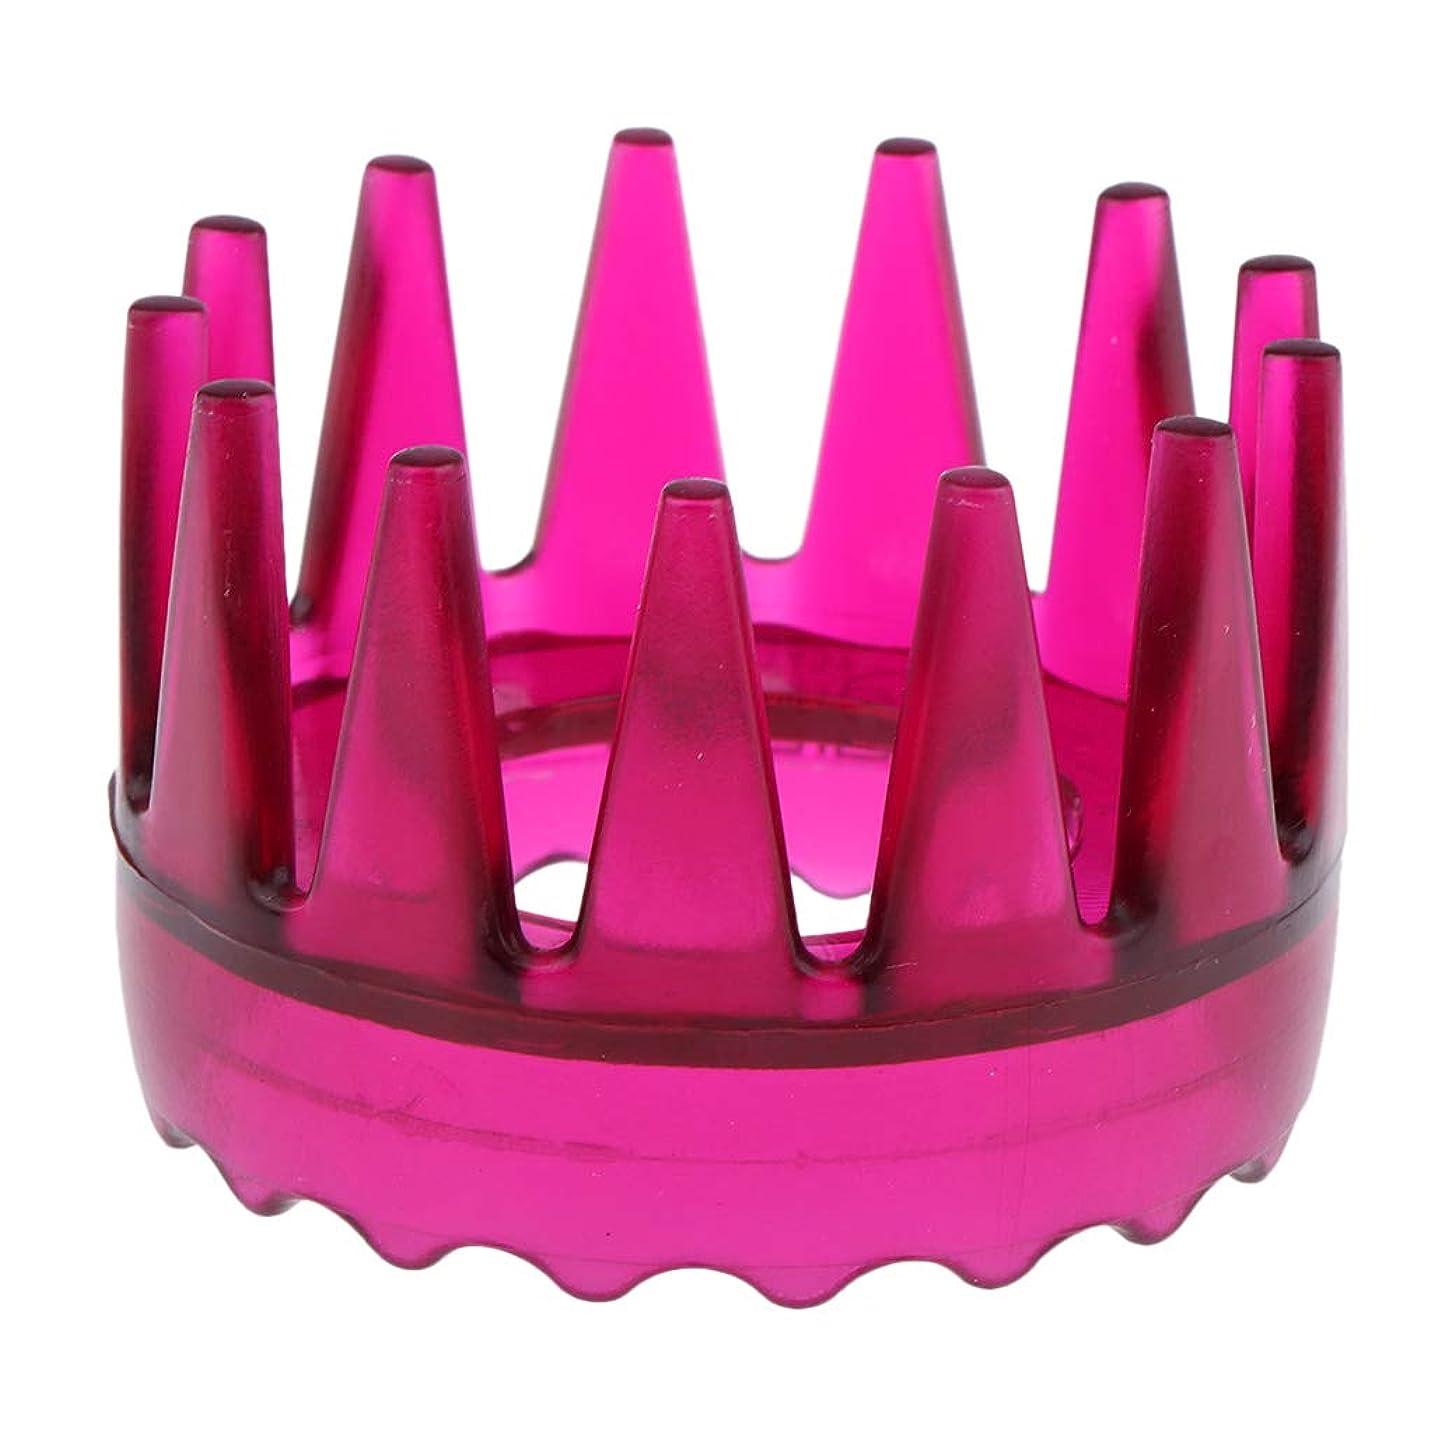 戦艦ゲインセイ要件Sharplace 頭皮マッサージ 櫛 シャワー シャンプー ヘアブラシ 4色選べ - ローズレッド